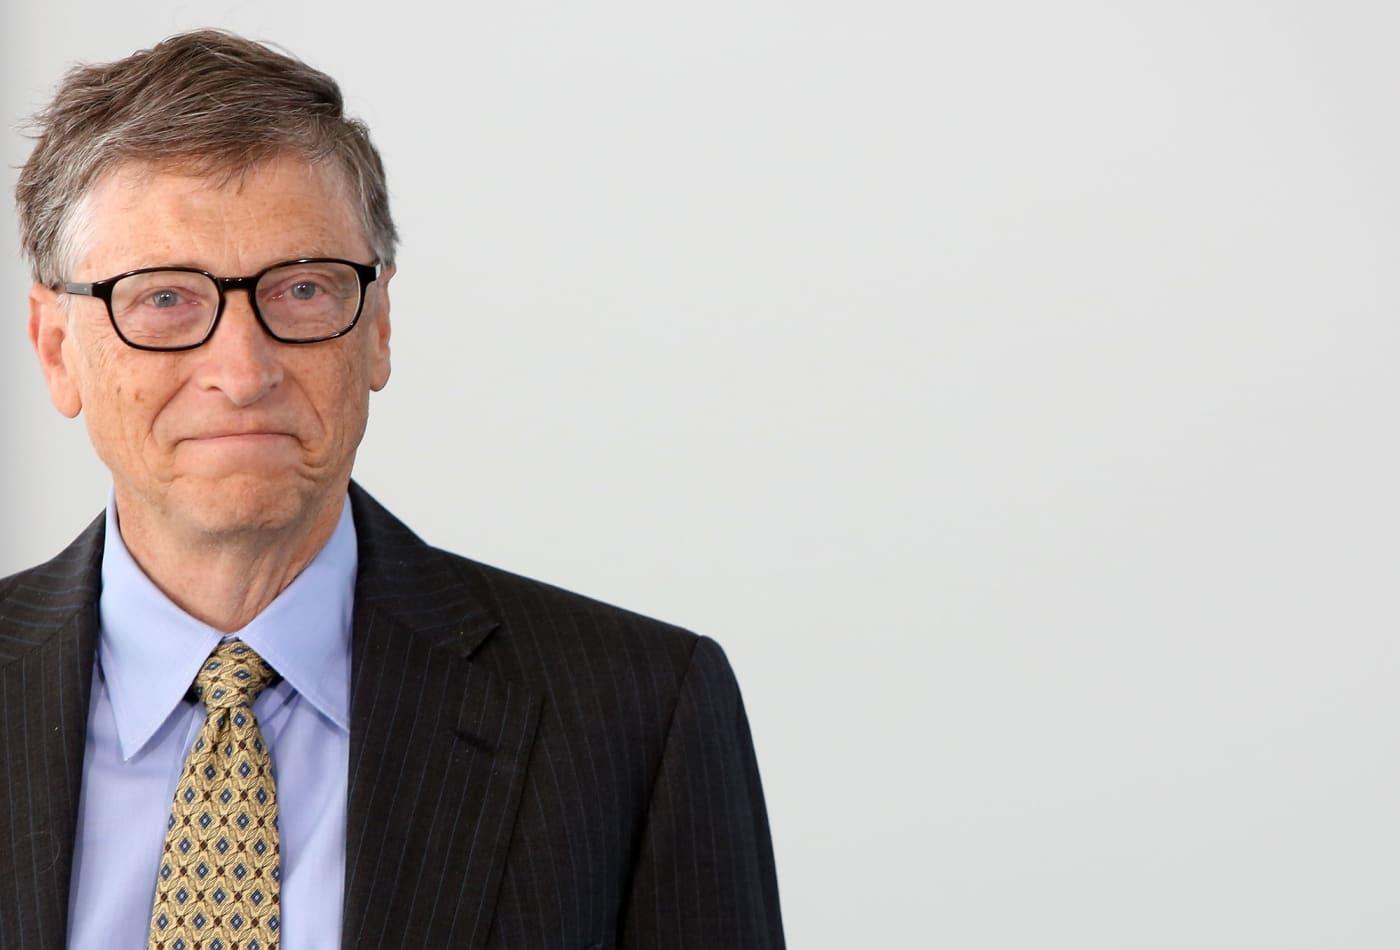 10 ultra-successful millionaire and billionaire college dropouts